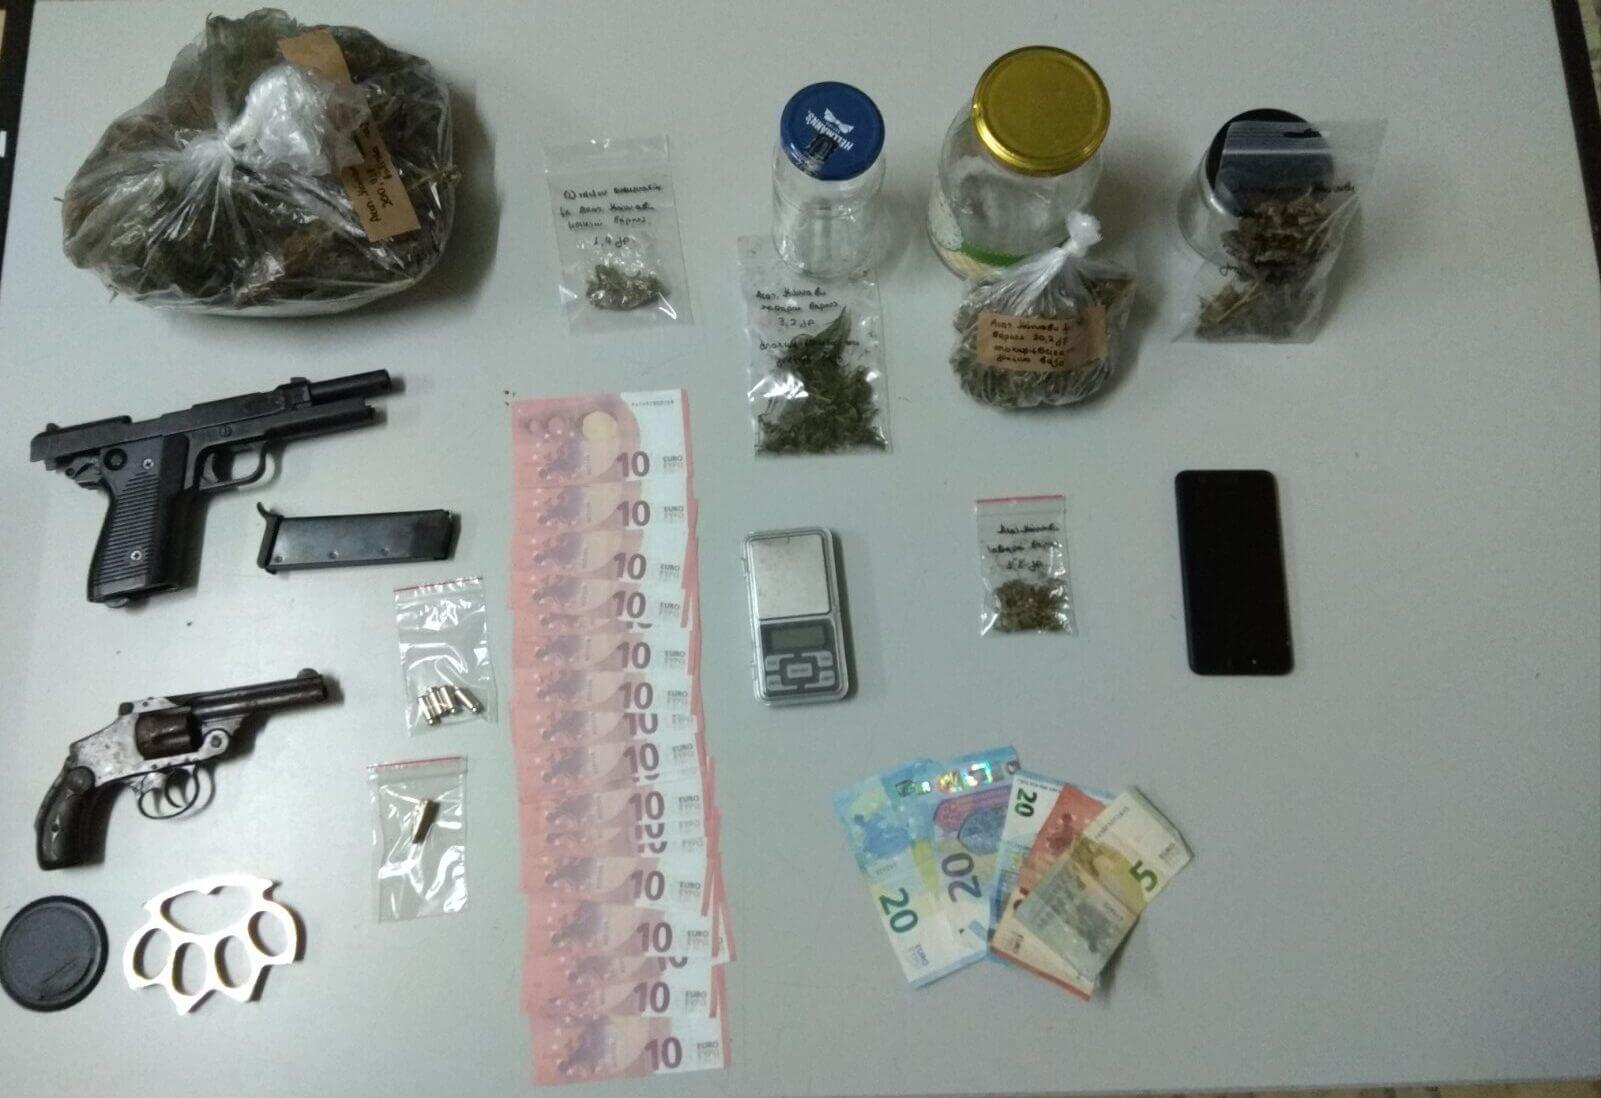 Ιωάννινα : Συνελήφθη ημεδαπός για κατοχή και διακίνηση κάνναβης, παράνομη οπλοκατοχή και κατοχή πλαστών χαρτονομισμάτων